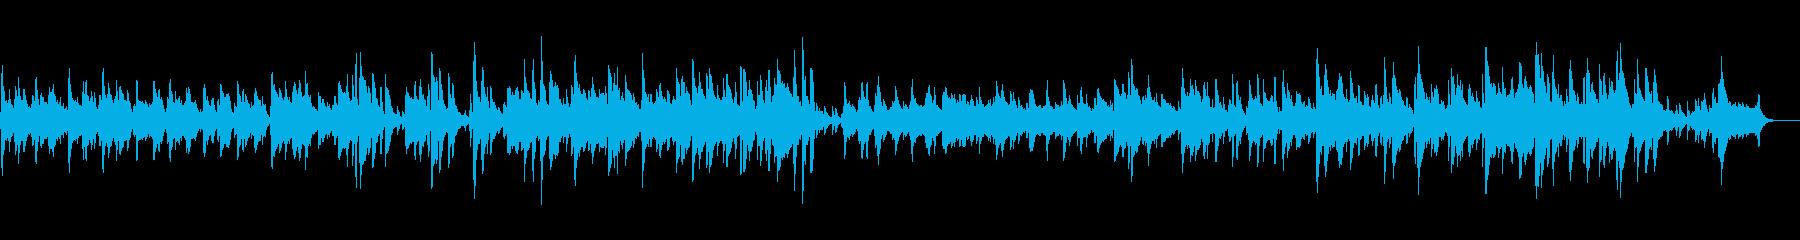 ジャズ 感情的 静か クール ハイ...の再生済みの波形